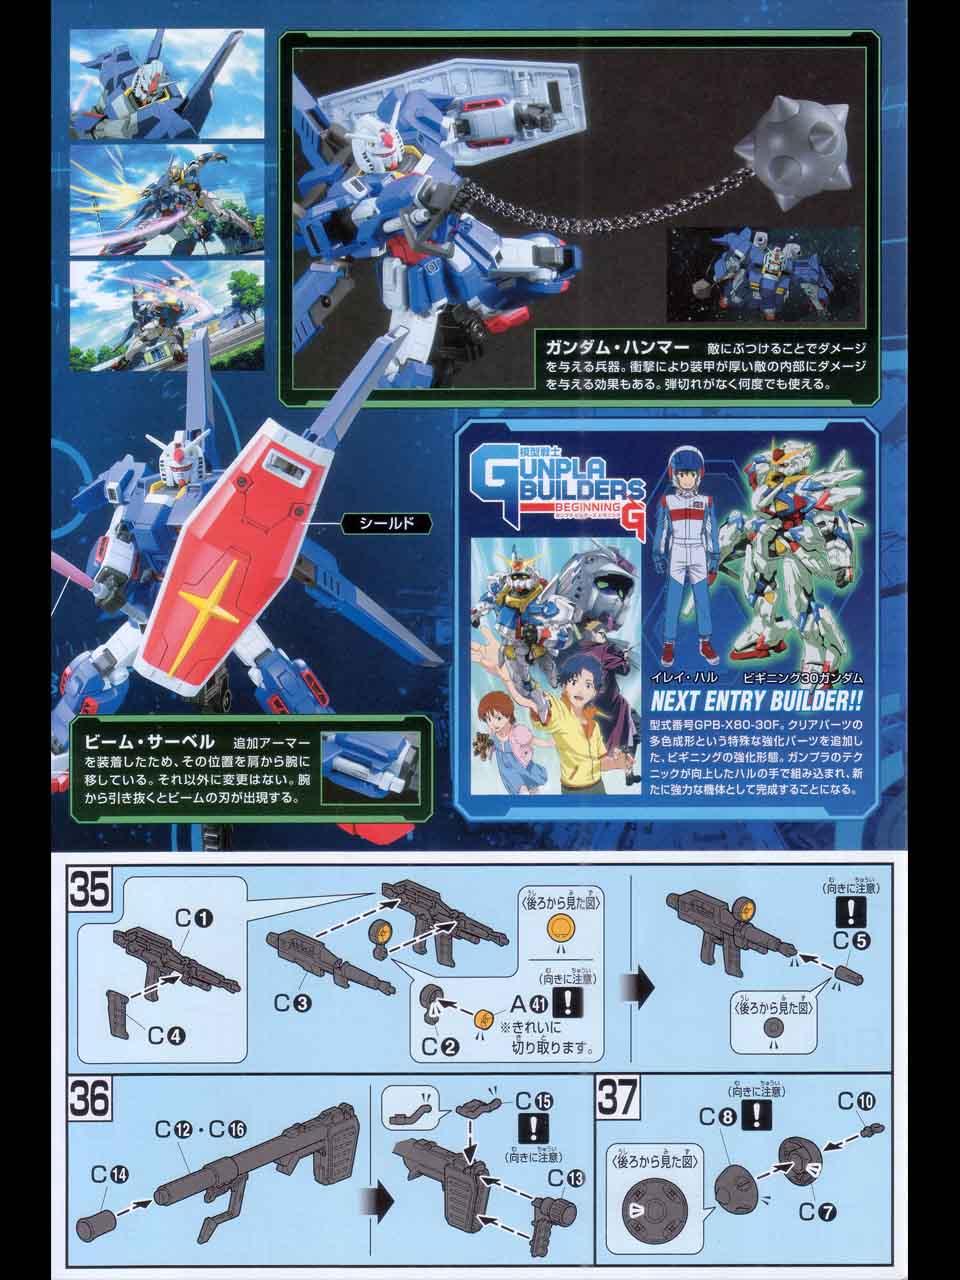 HG_Forever_Gundam_10.jpg